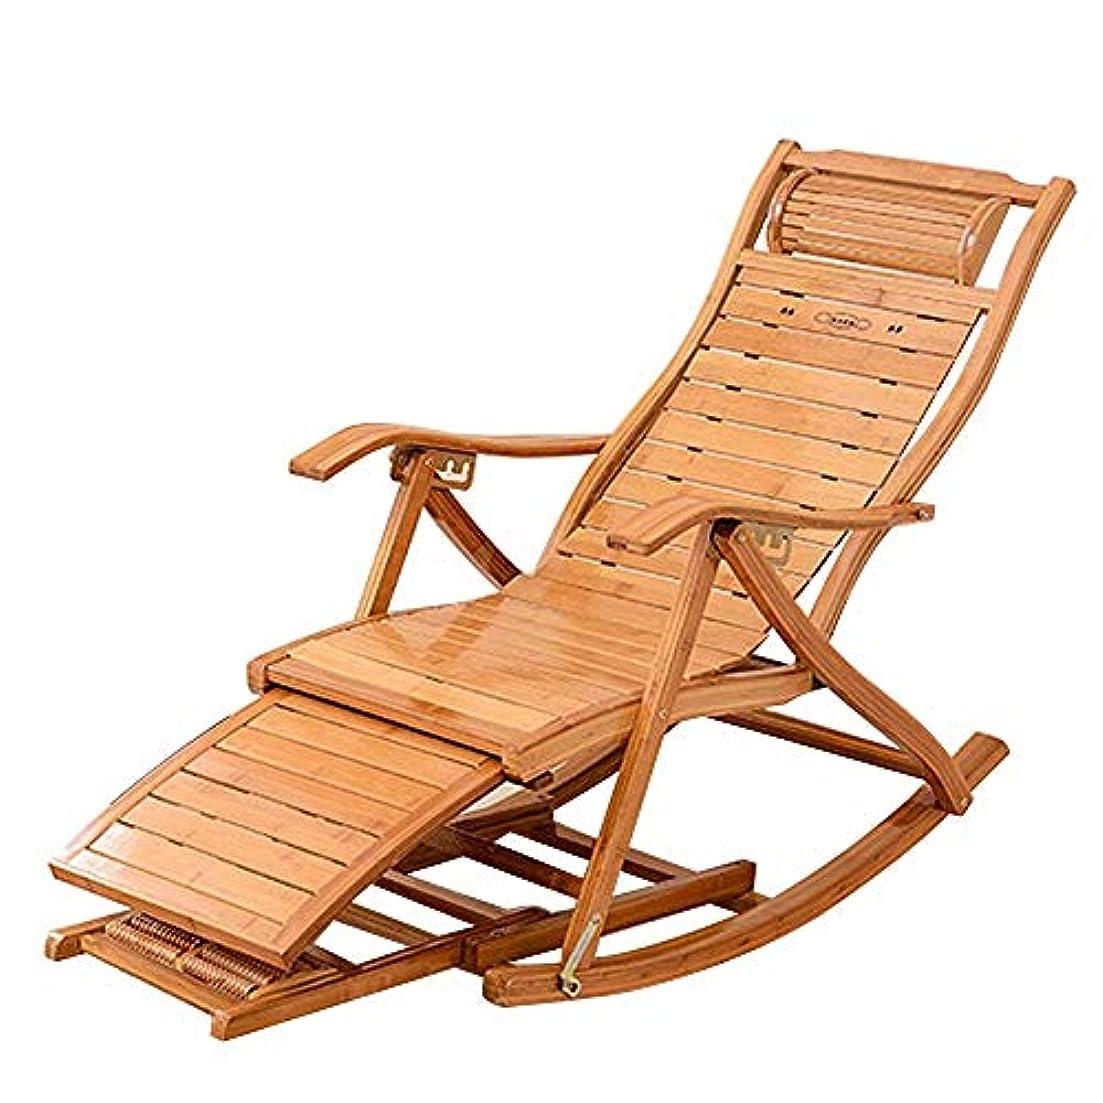 ジャズシンジケート肥満竹のデッキチェア、引き込み式のフットレストおよびマッサージのローラーが付いている携帯用大人の安楽椅子の庭のバルコニーのための老人の仮眠の椅子